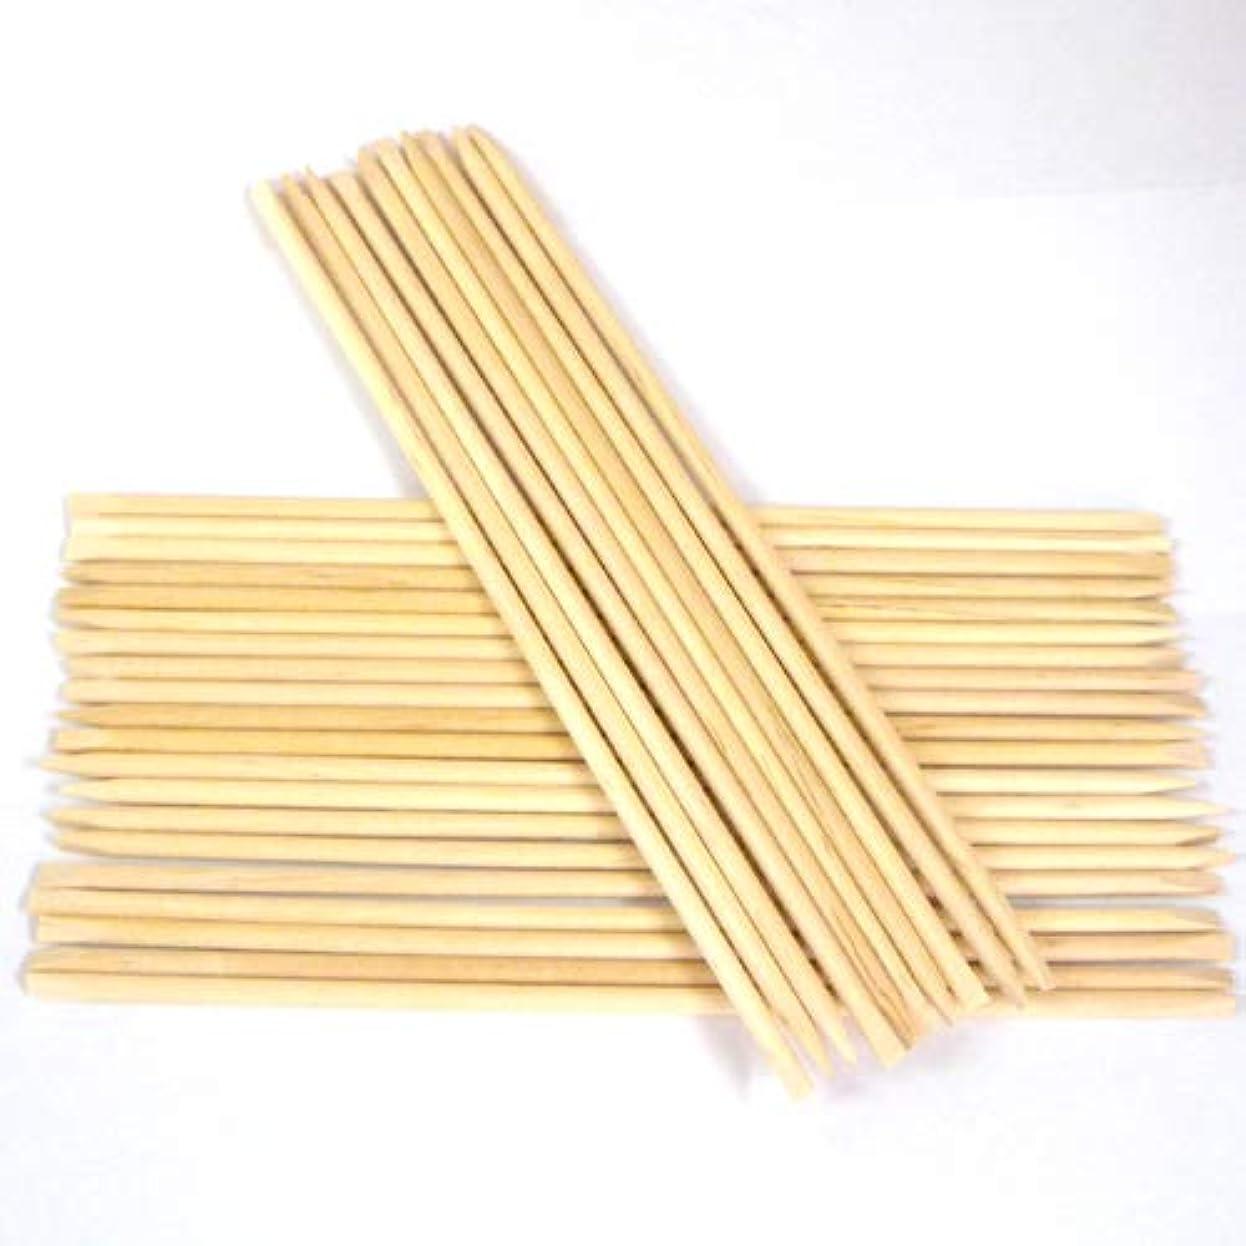 木材検出器資金【ネコポス送料無料】ネイル用ウッドスティック 30本セット